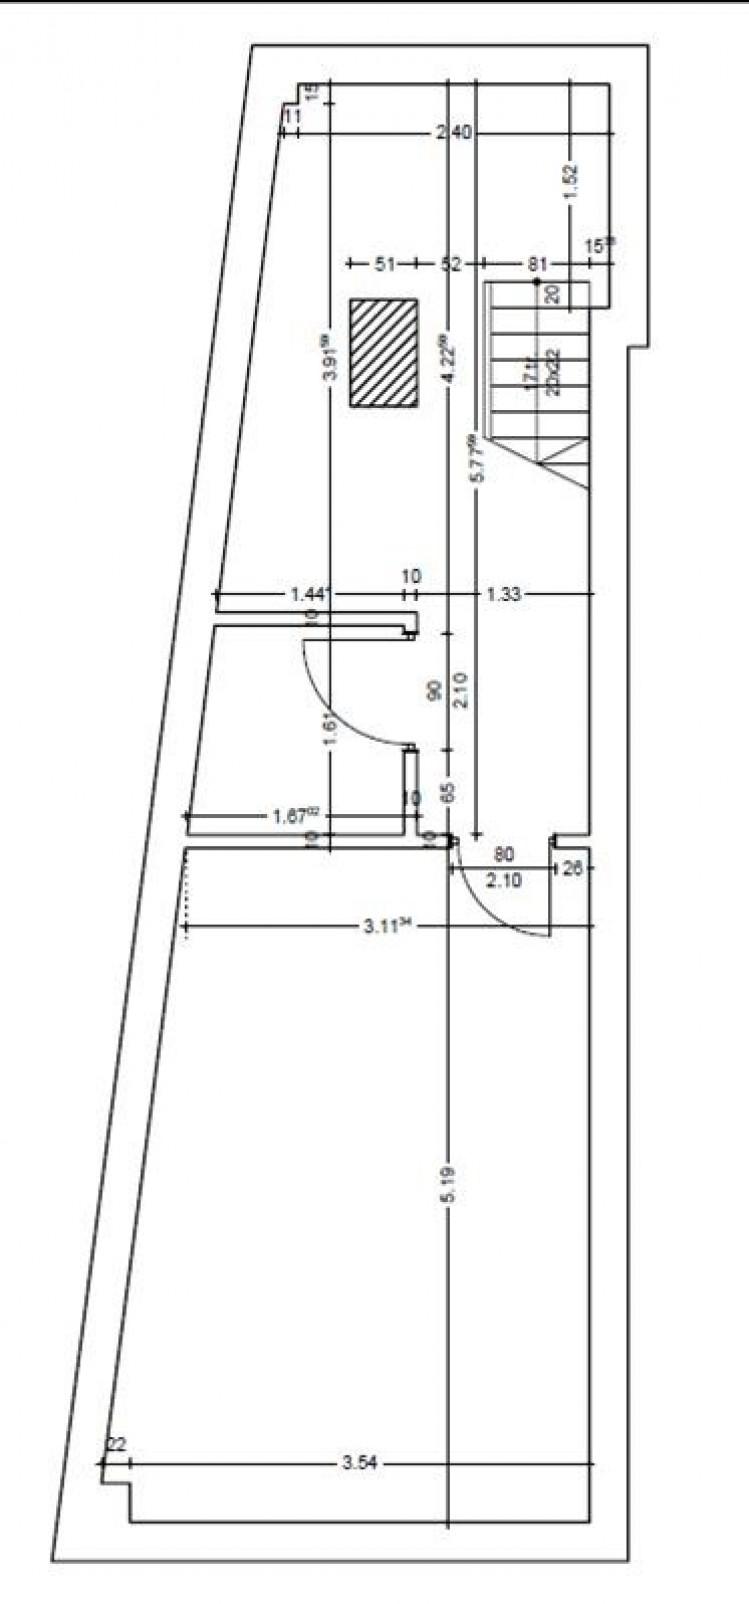 Spatiu comercial de inchiriat zona Calea Victoriei, Bucuresti 95.37 mp